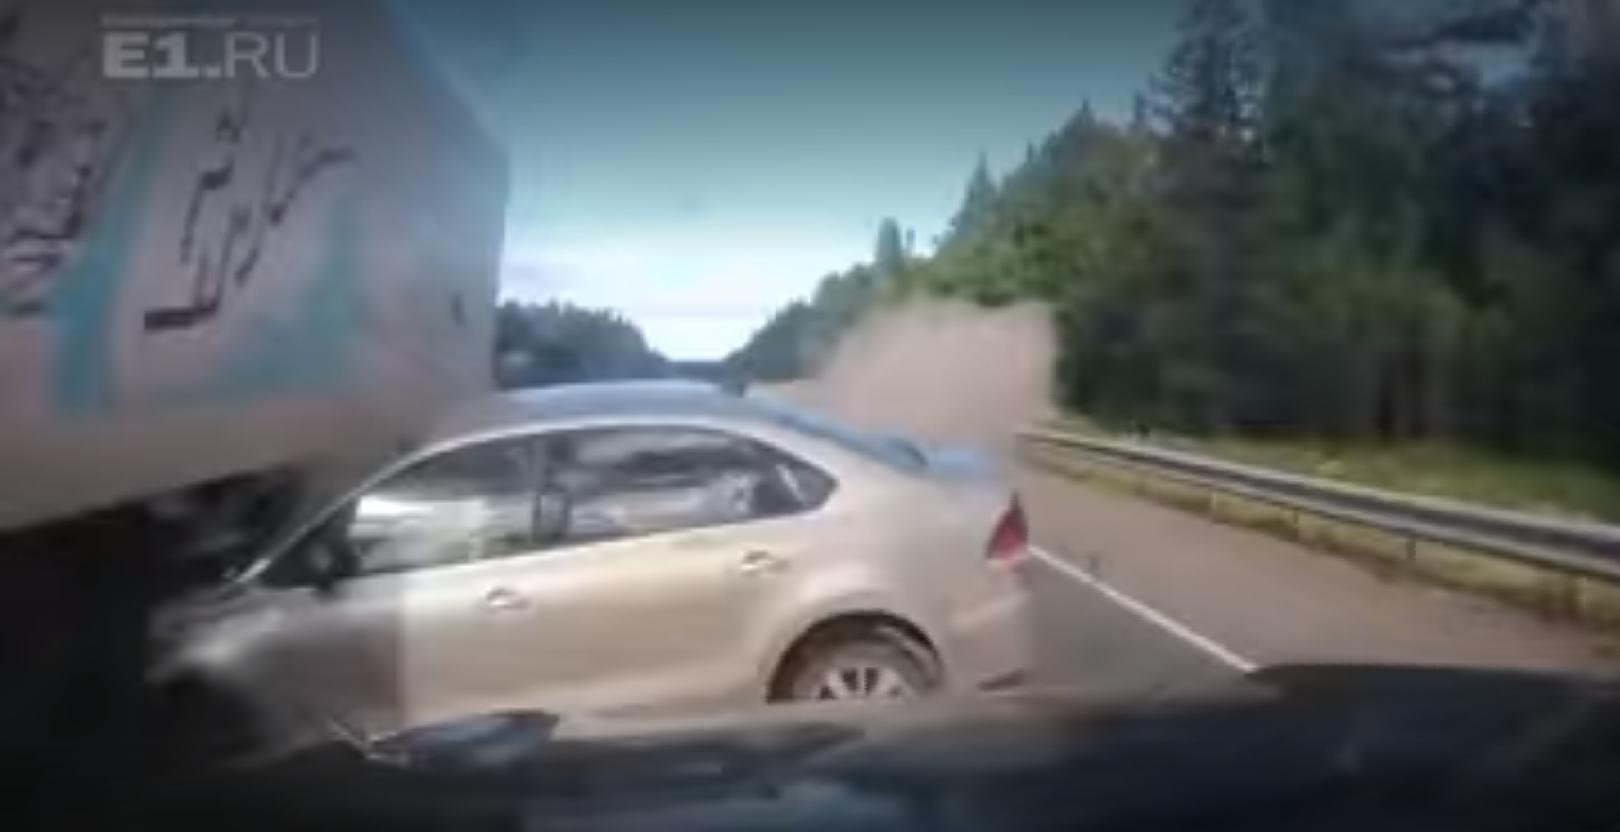 Видеорегистратор Lexus снял момент столкновения с Volkswagen Polo в ДТП на трассе Пермь — Екатеринбург (фото, видео)